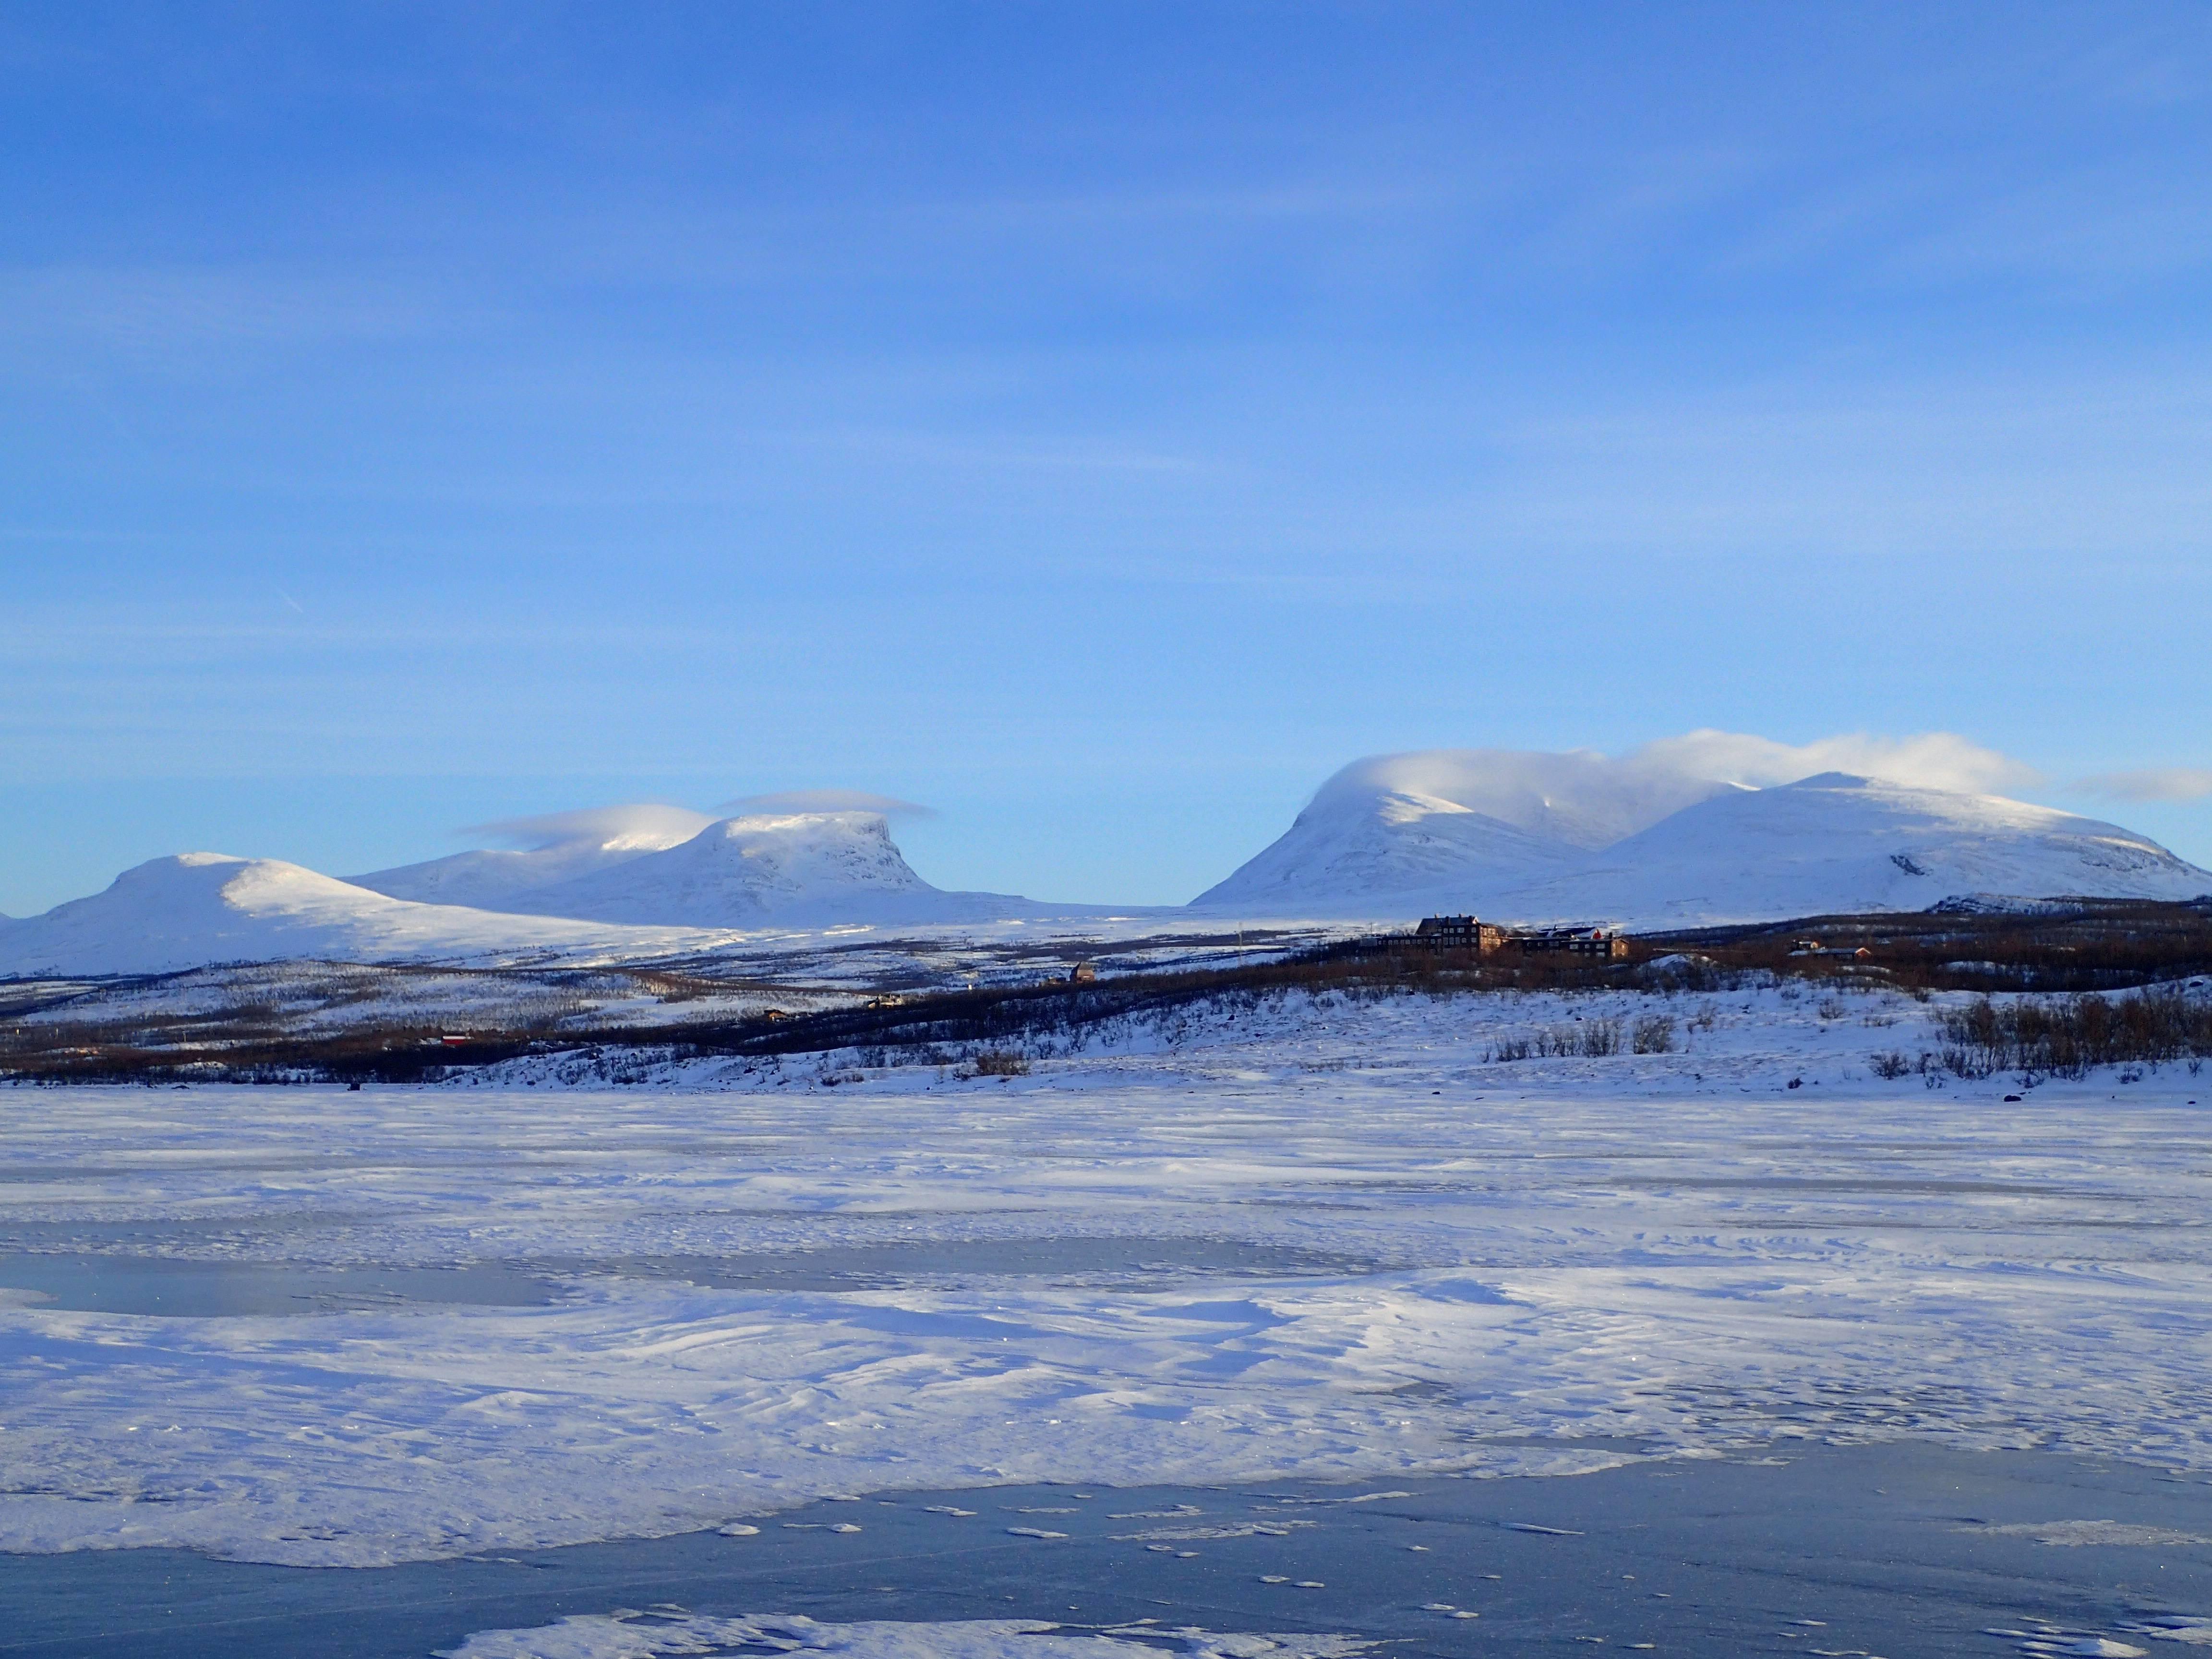 Photo 1: Parc national d'Abisko, un lac gelé de 70km